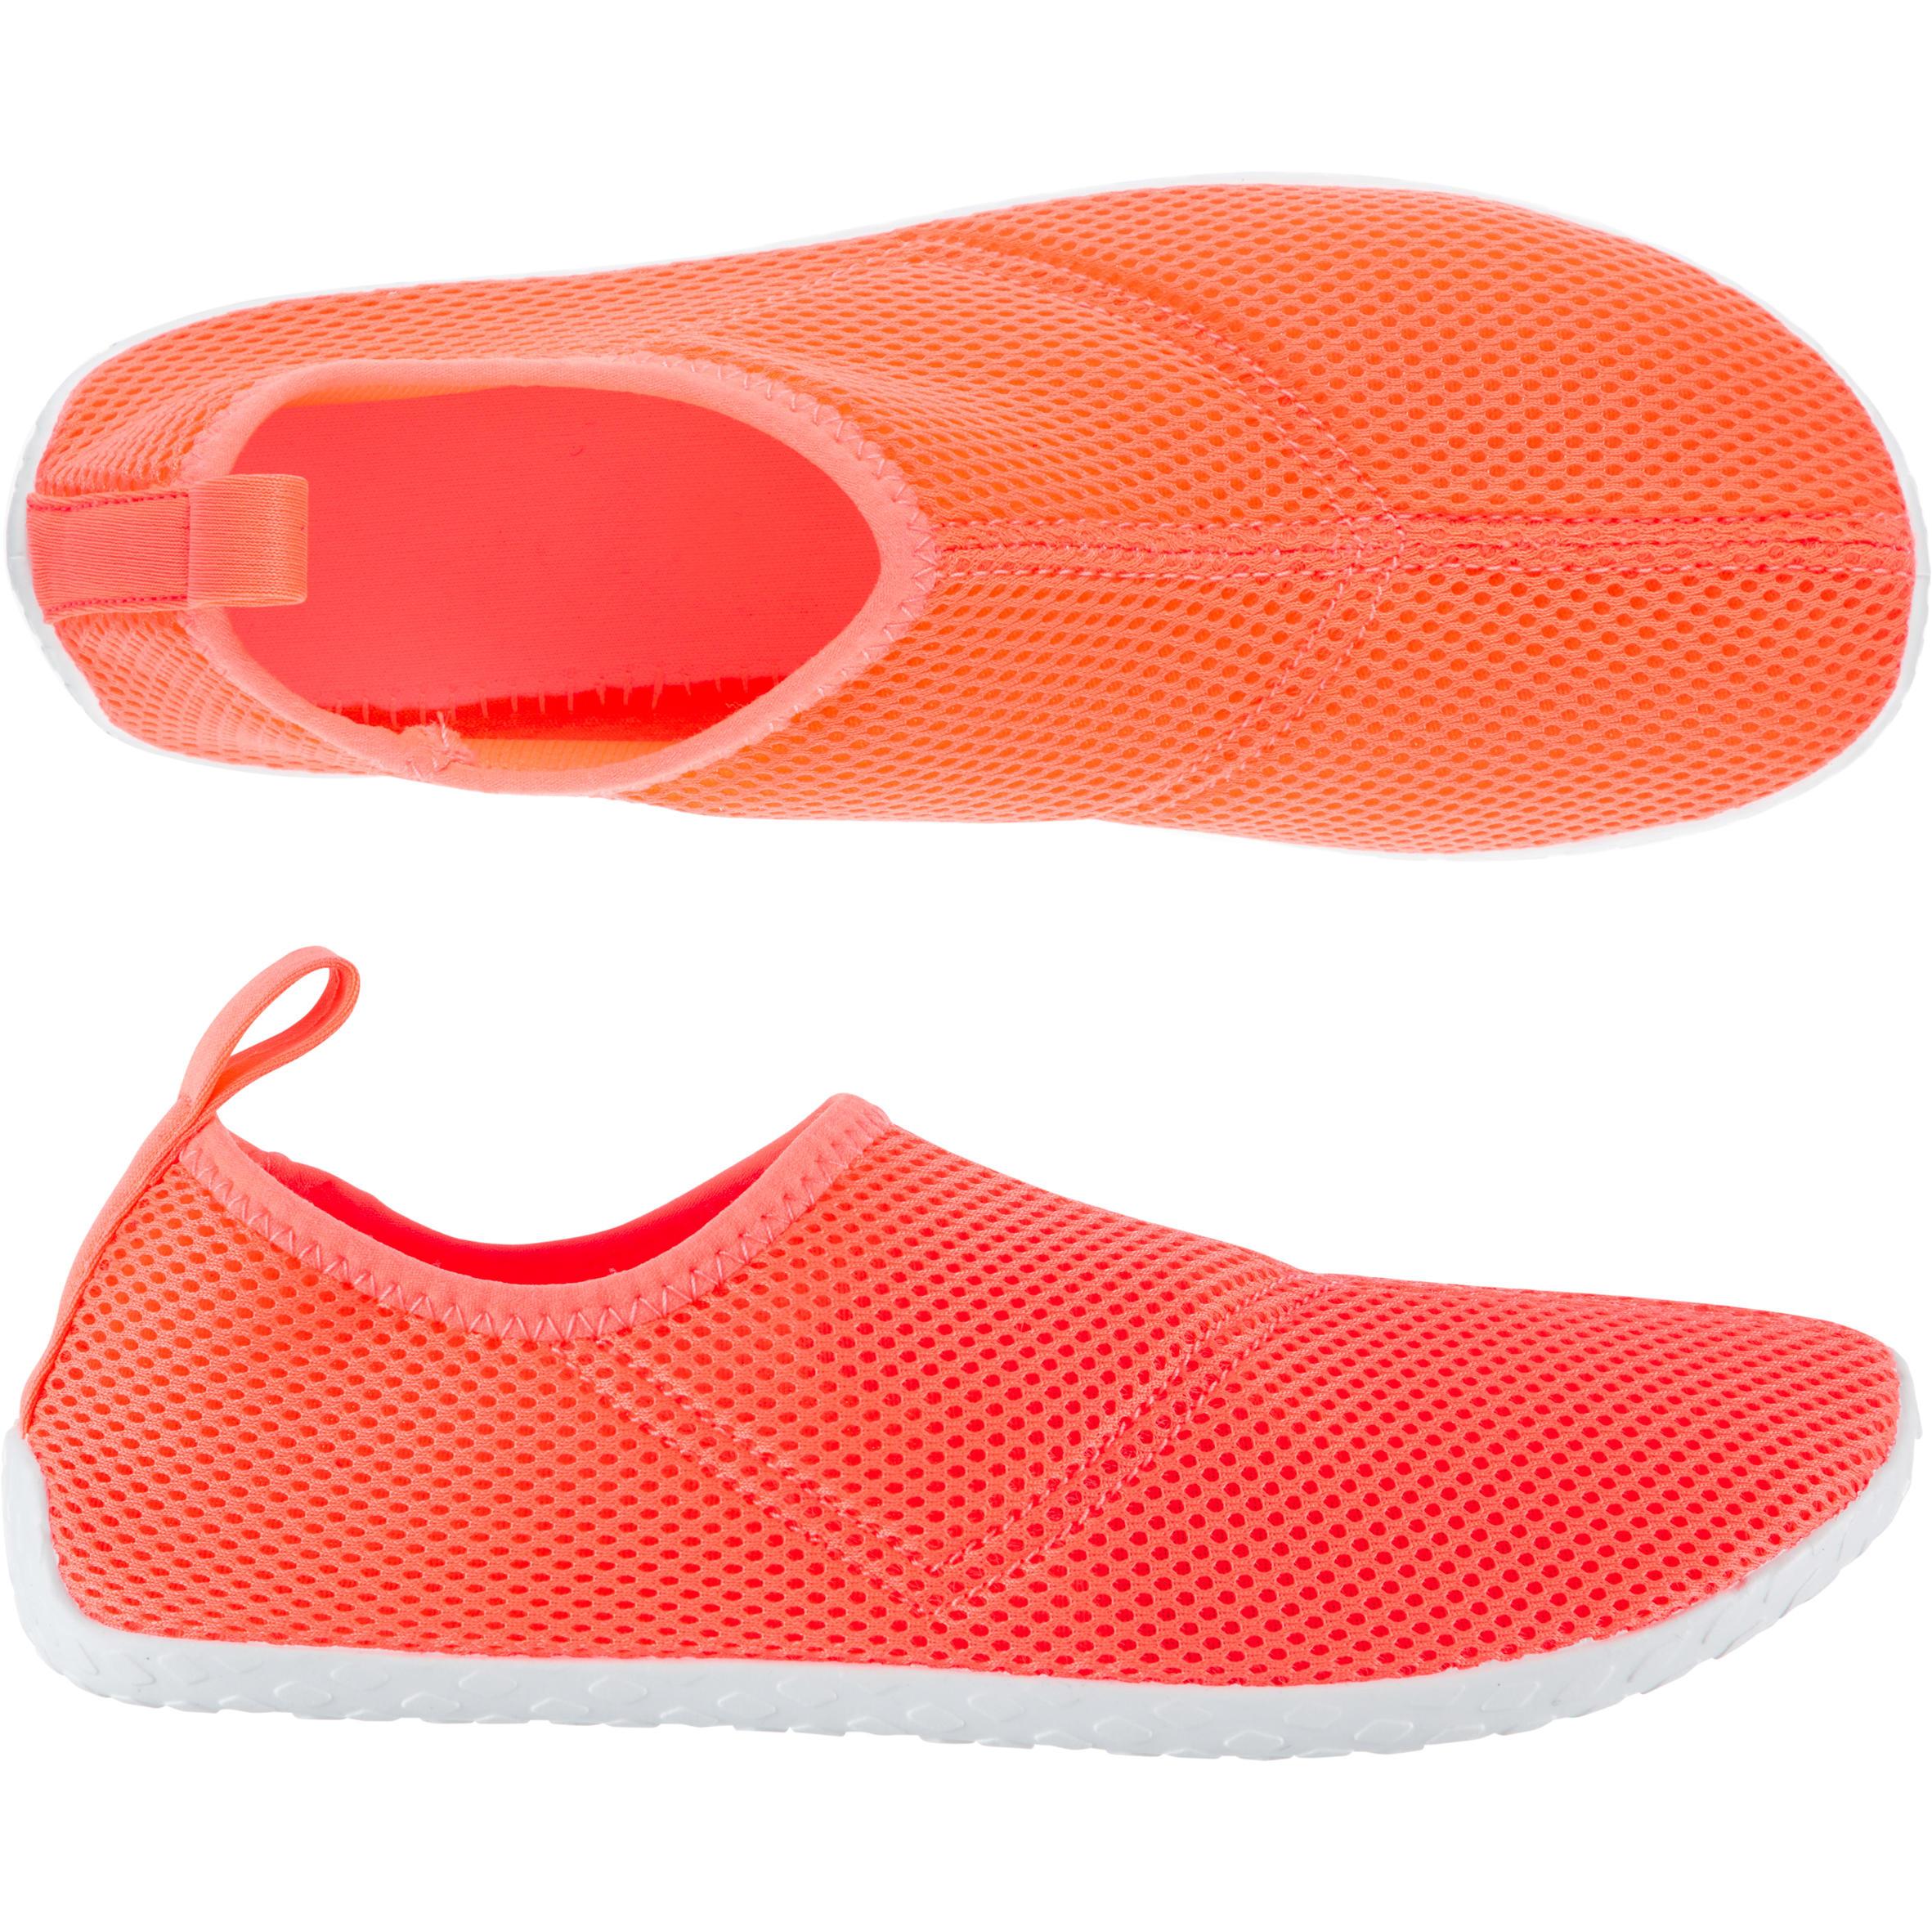 decathlon aqua socks good d7ba8 2a25f